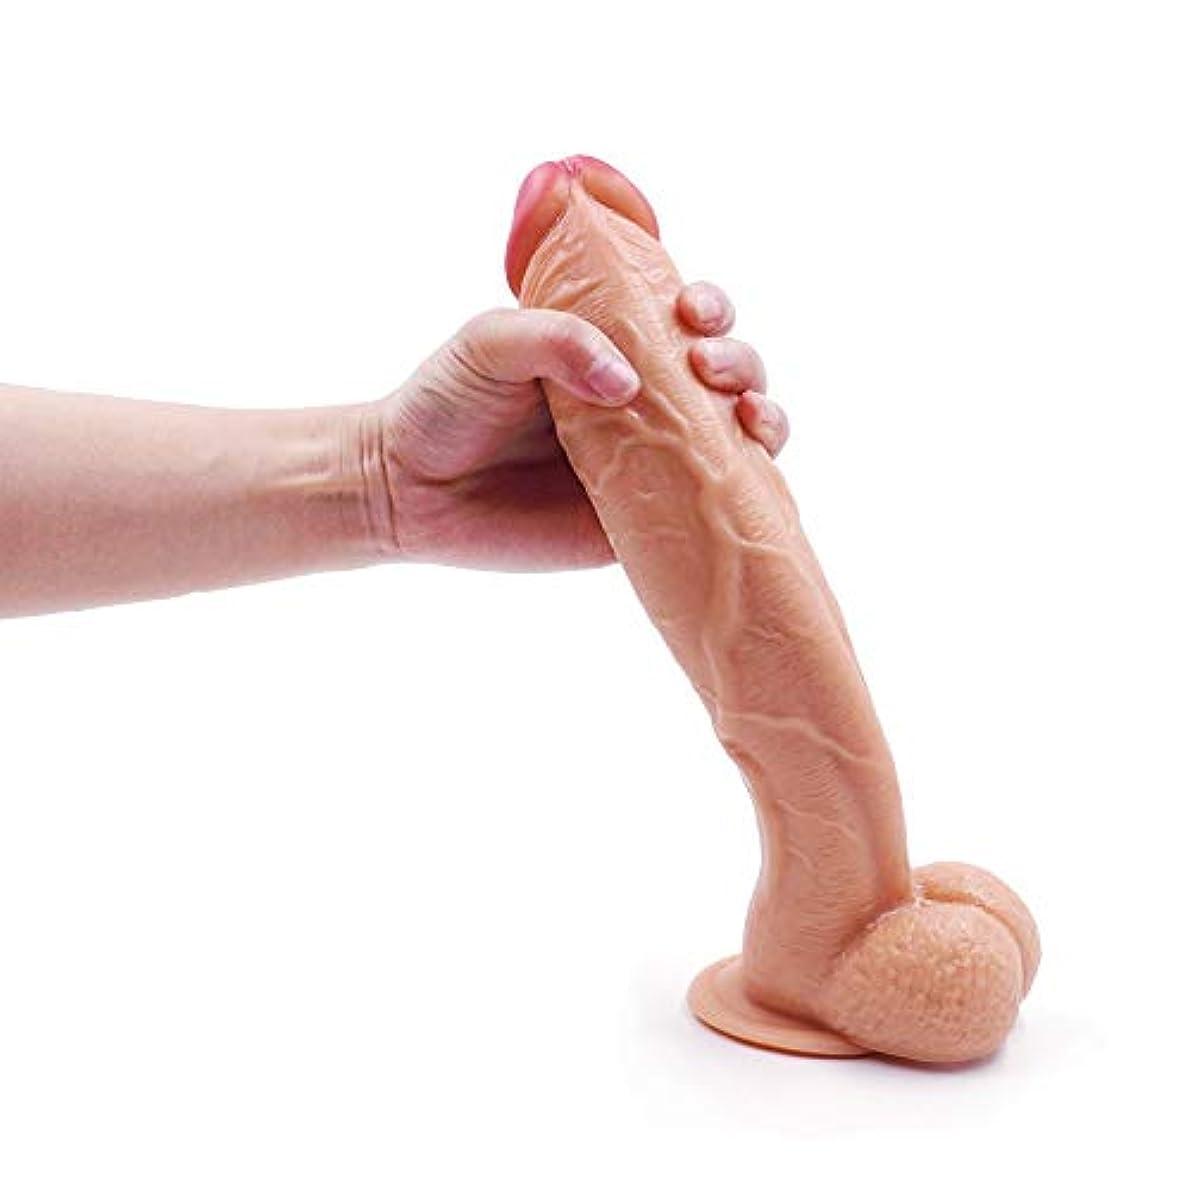 肝六分儀底ペニス 12.2インチの安全で健康的な防水の強力な吸引カップPVCおもちゃ-肉 マッサージャー